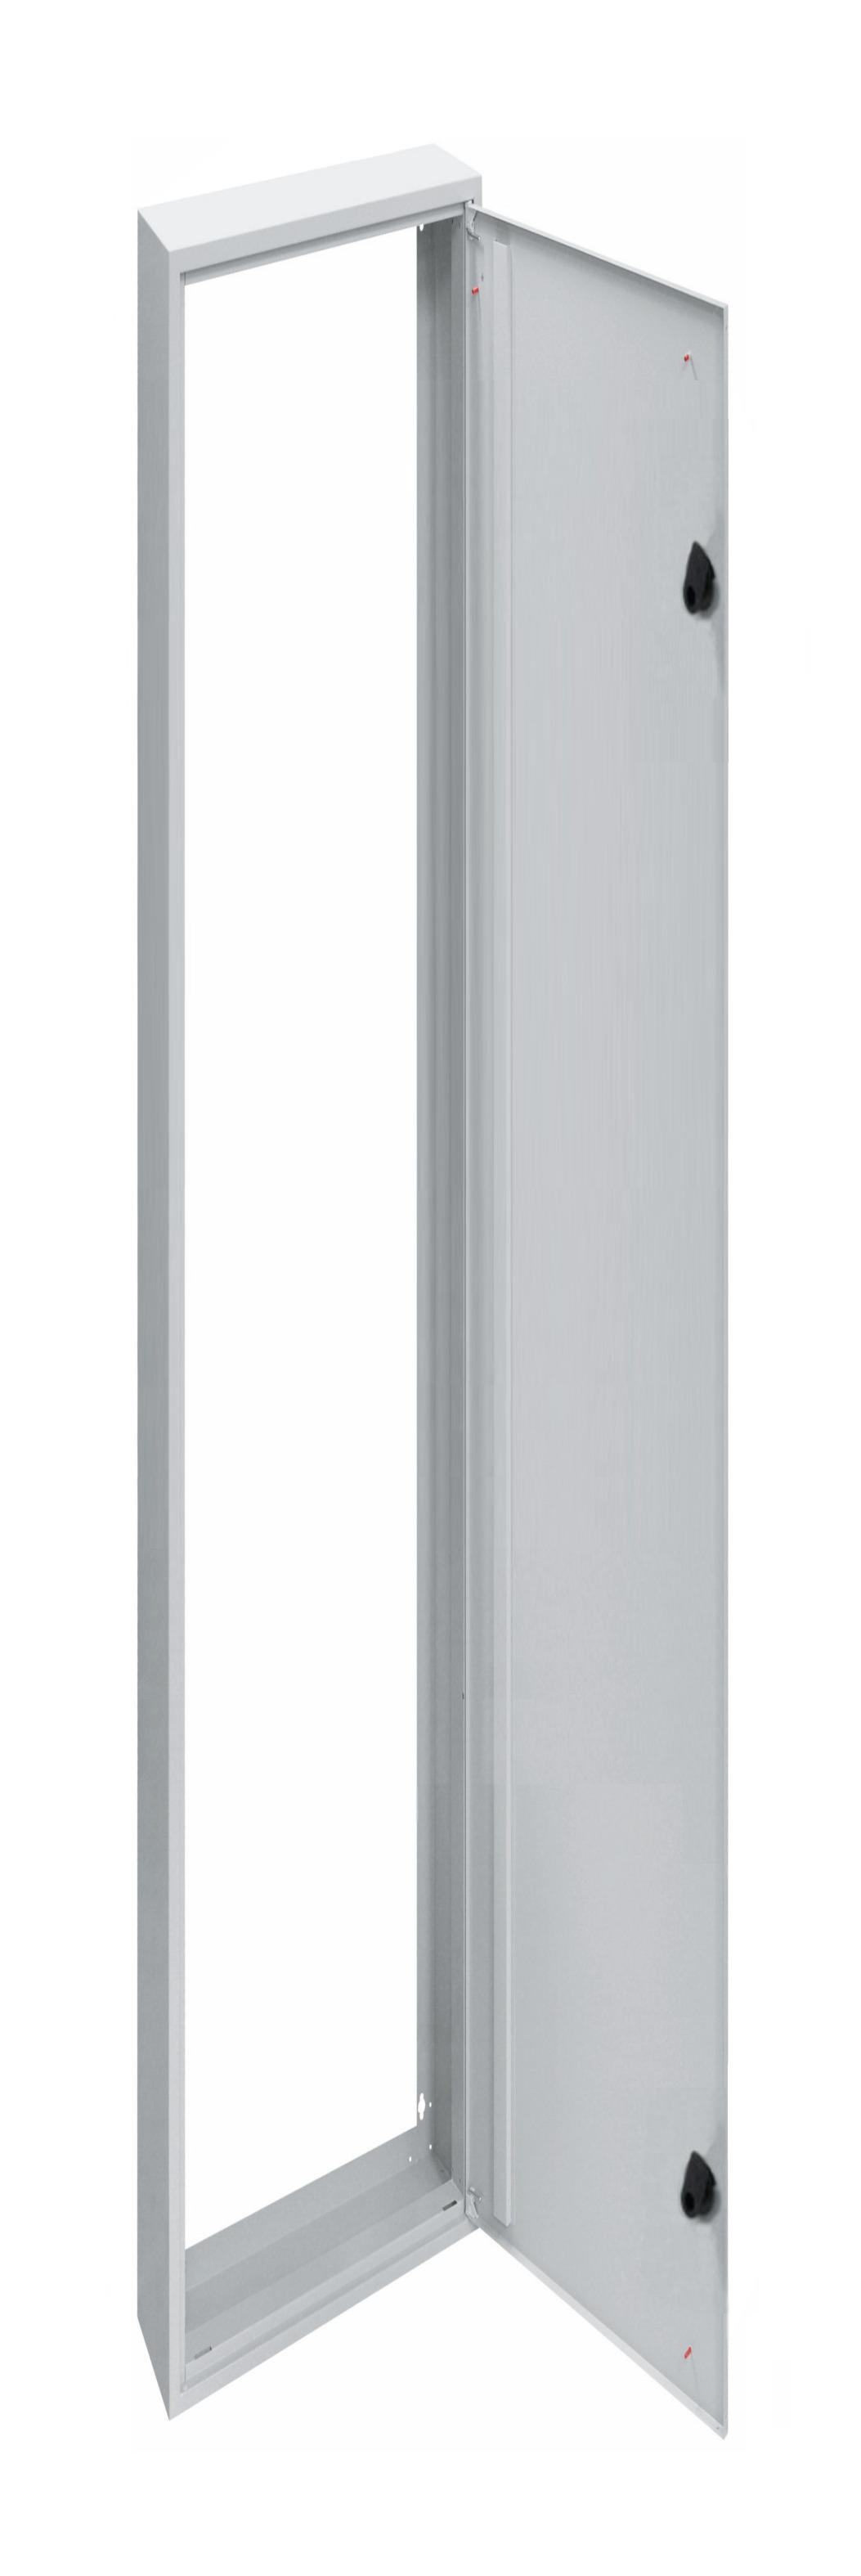 1 Stk Aufputz-Rahmen mit Türe 1A-42, H2025B380T250mm IL006142-F